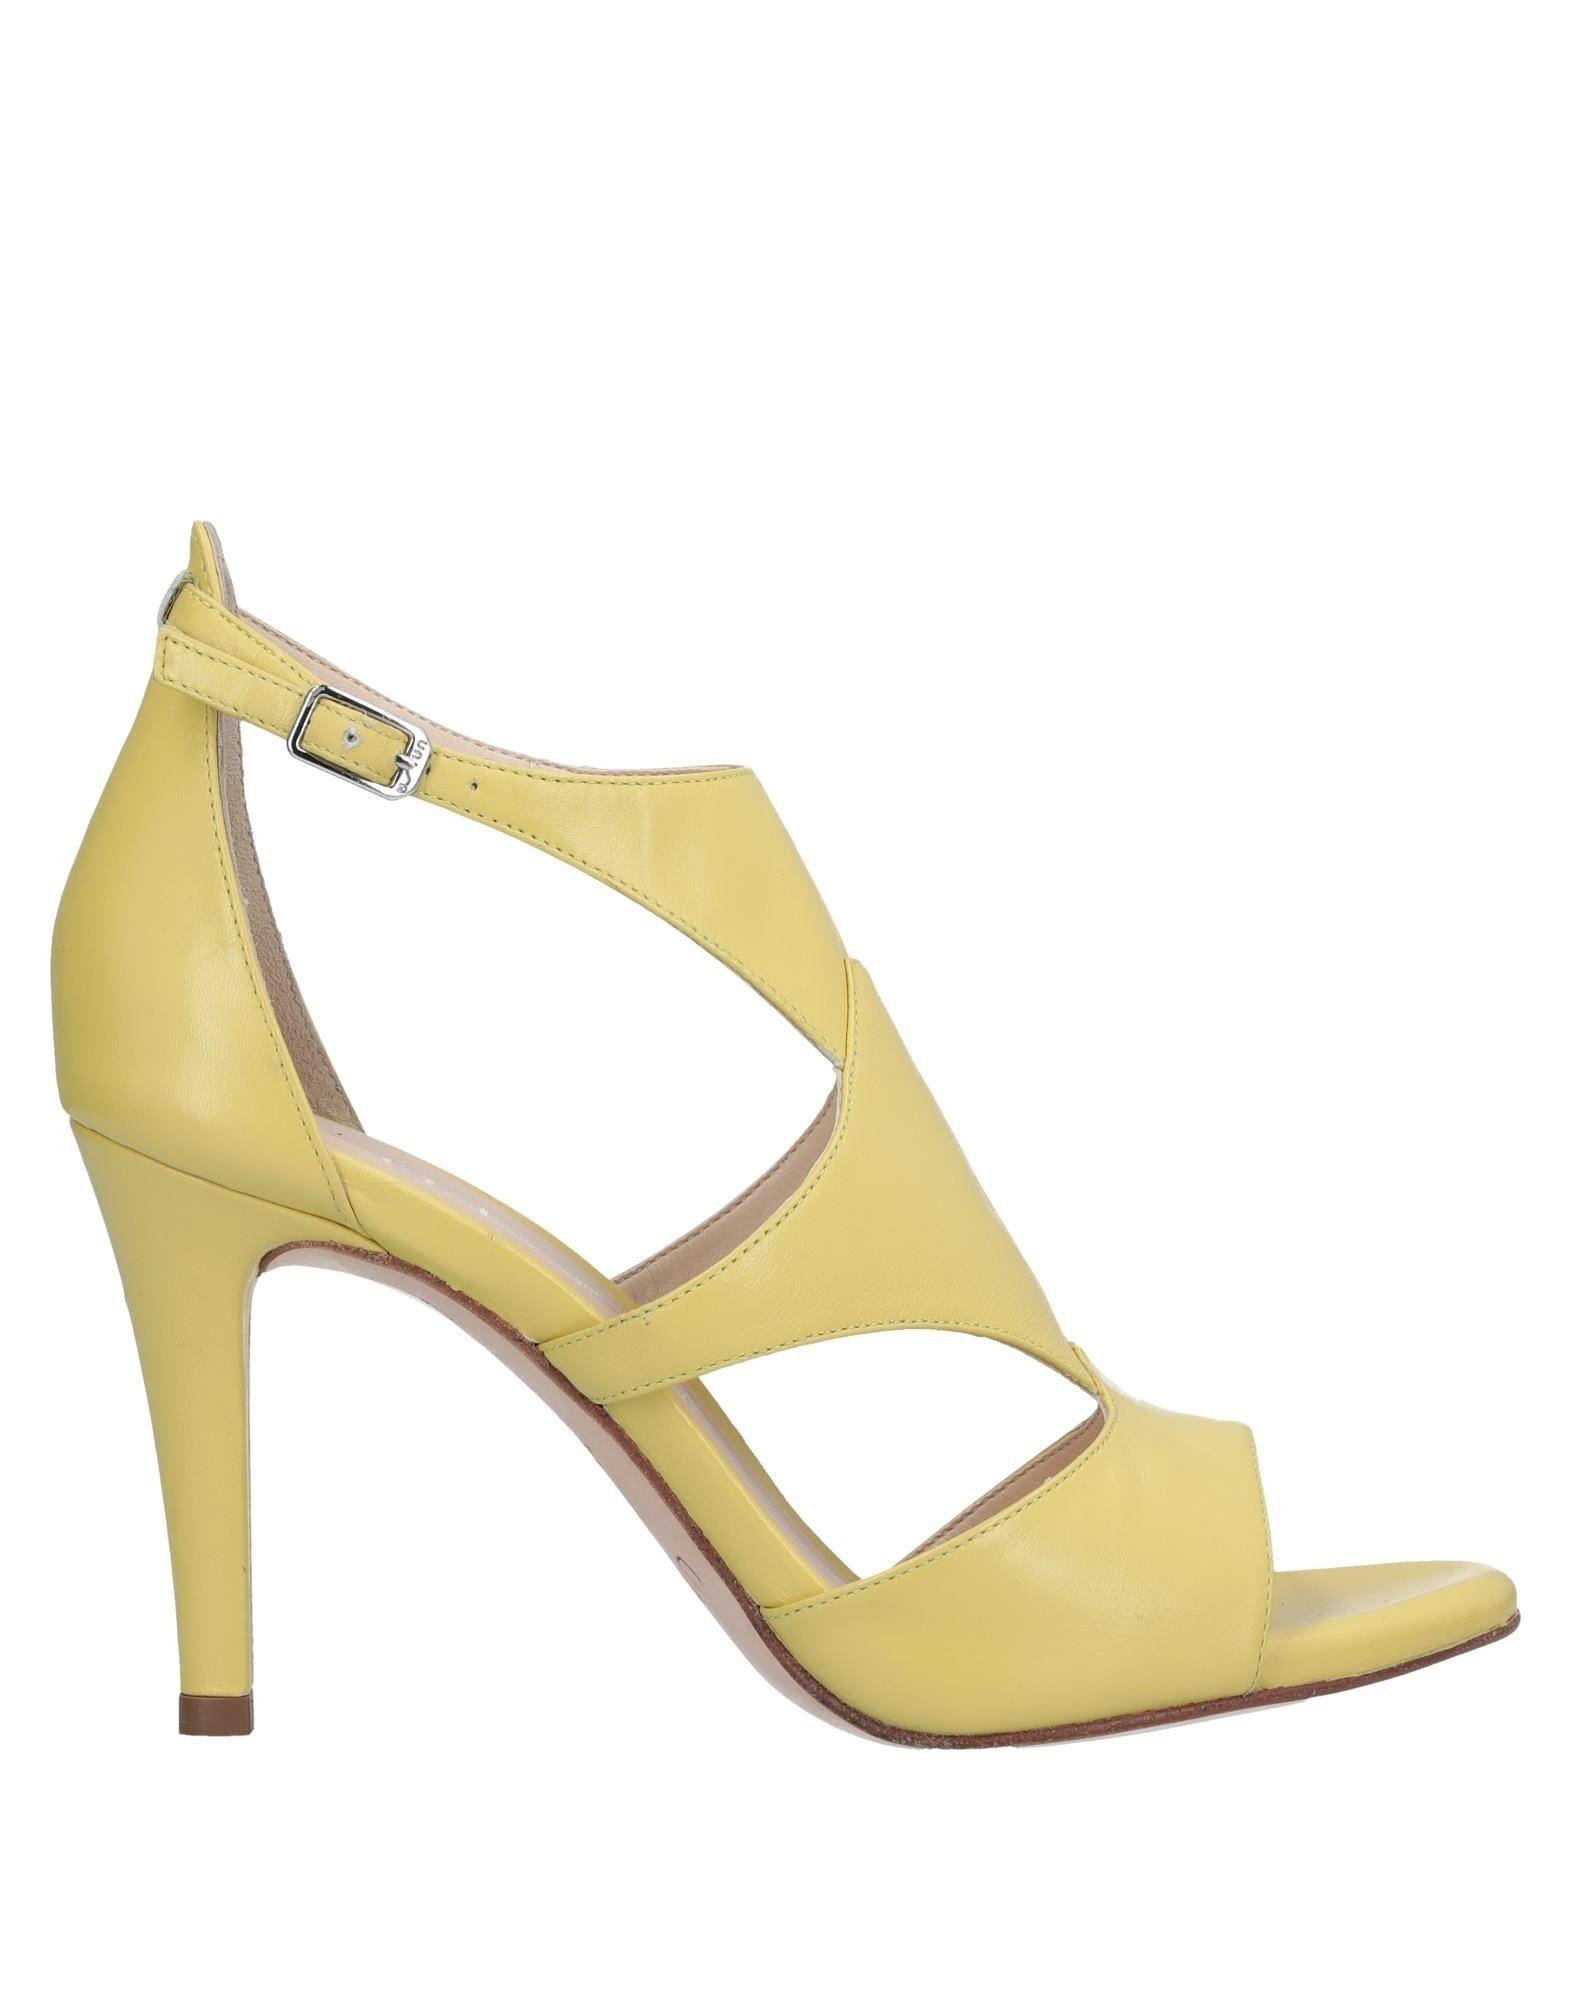 Moda Sandali Unisa Donna - 11533997RR